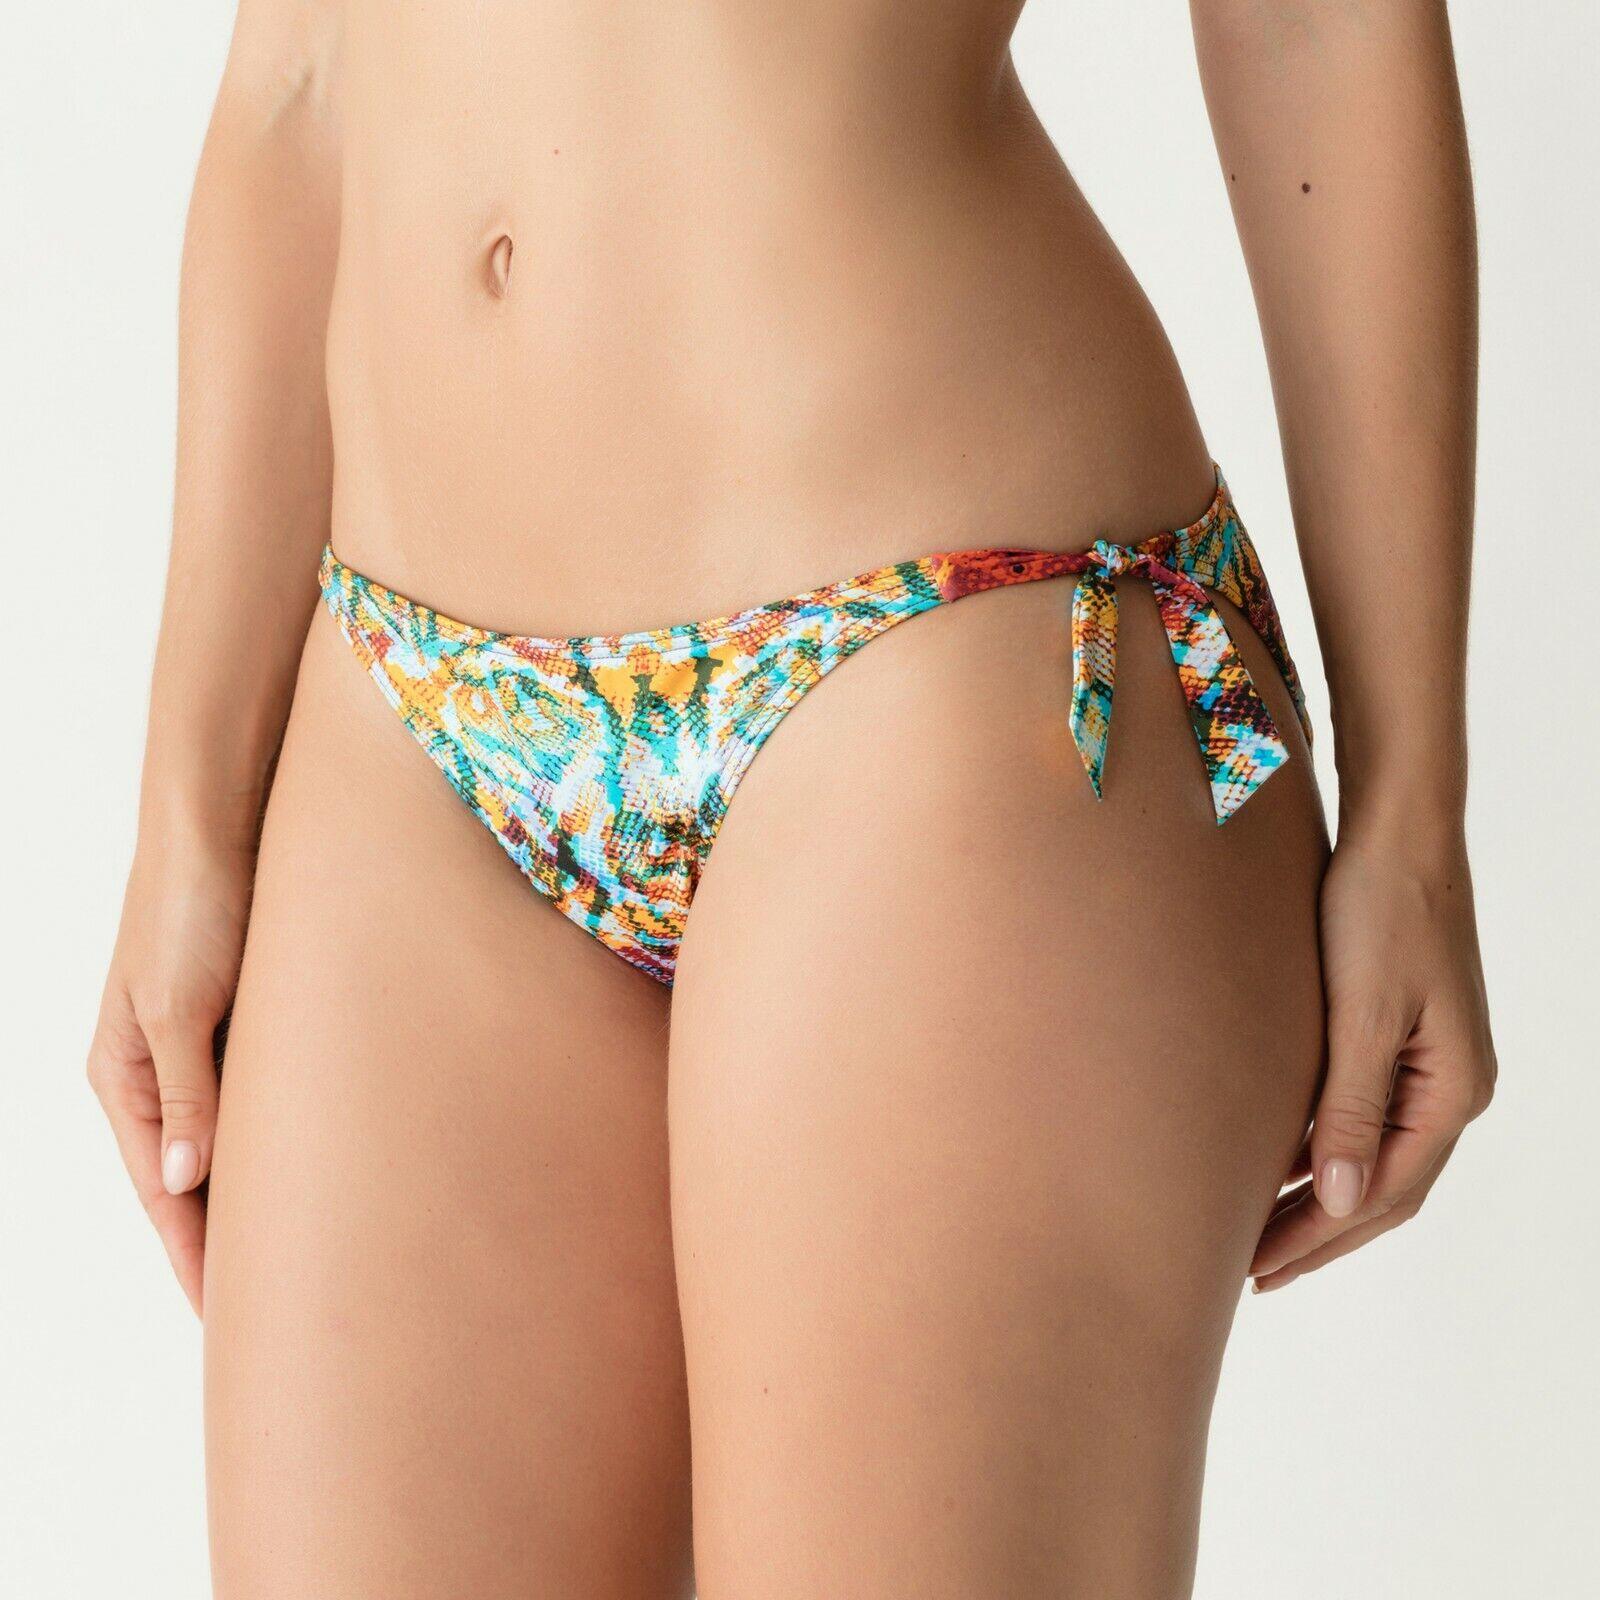 Prima damen Swim Bikini Bikini Bikini Hüftslip Vegas Nomad Mix Slip Festival Strand Sommer | Tadellos  | Quality First  | Professionelles Design  3faf73